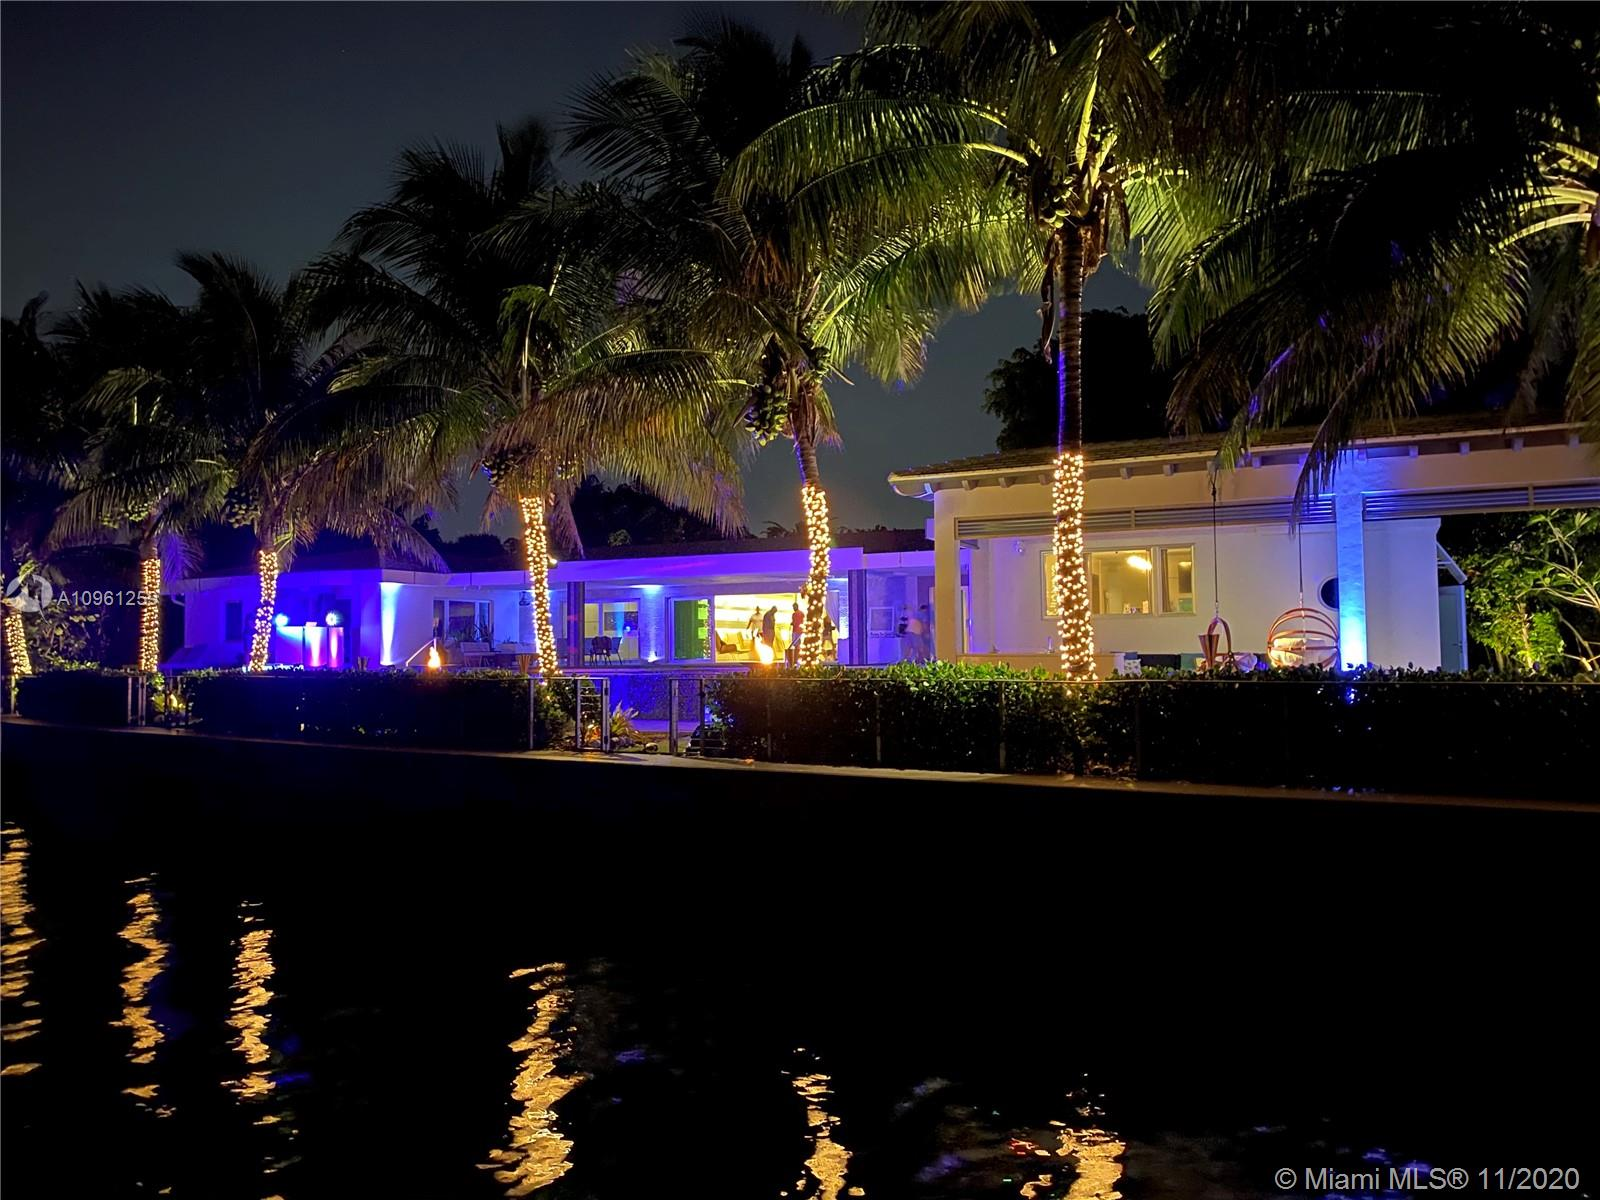 Miami Shores - 1550 NE 103rd St, Miami Shores, FL 33138